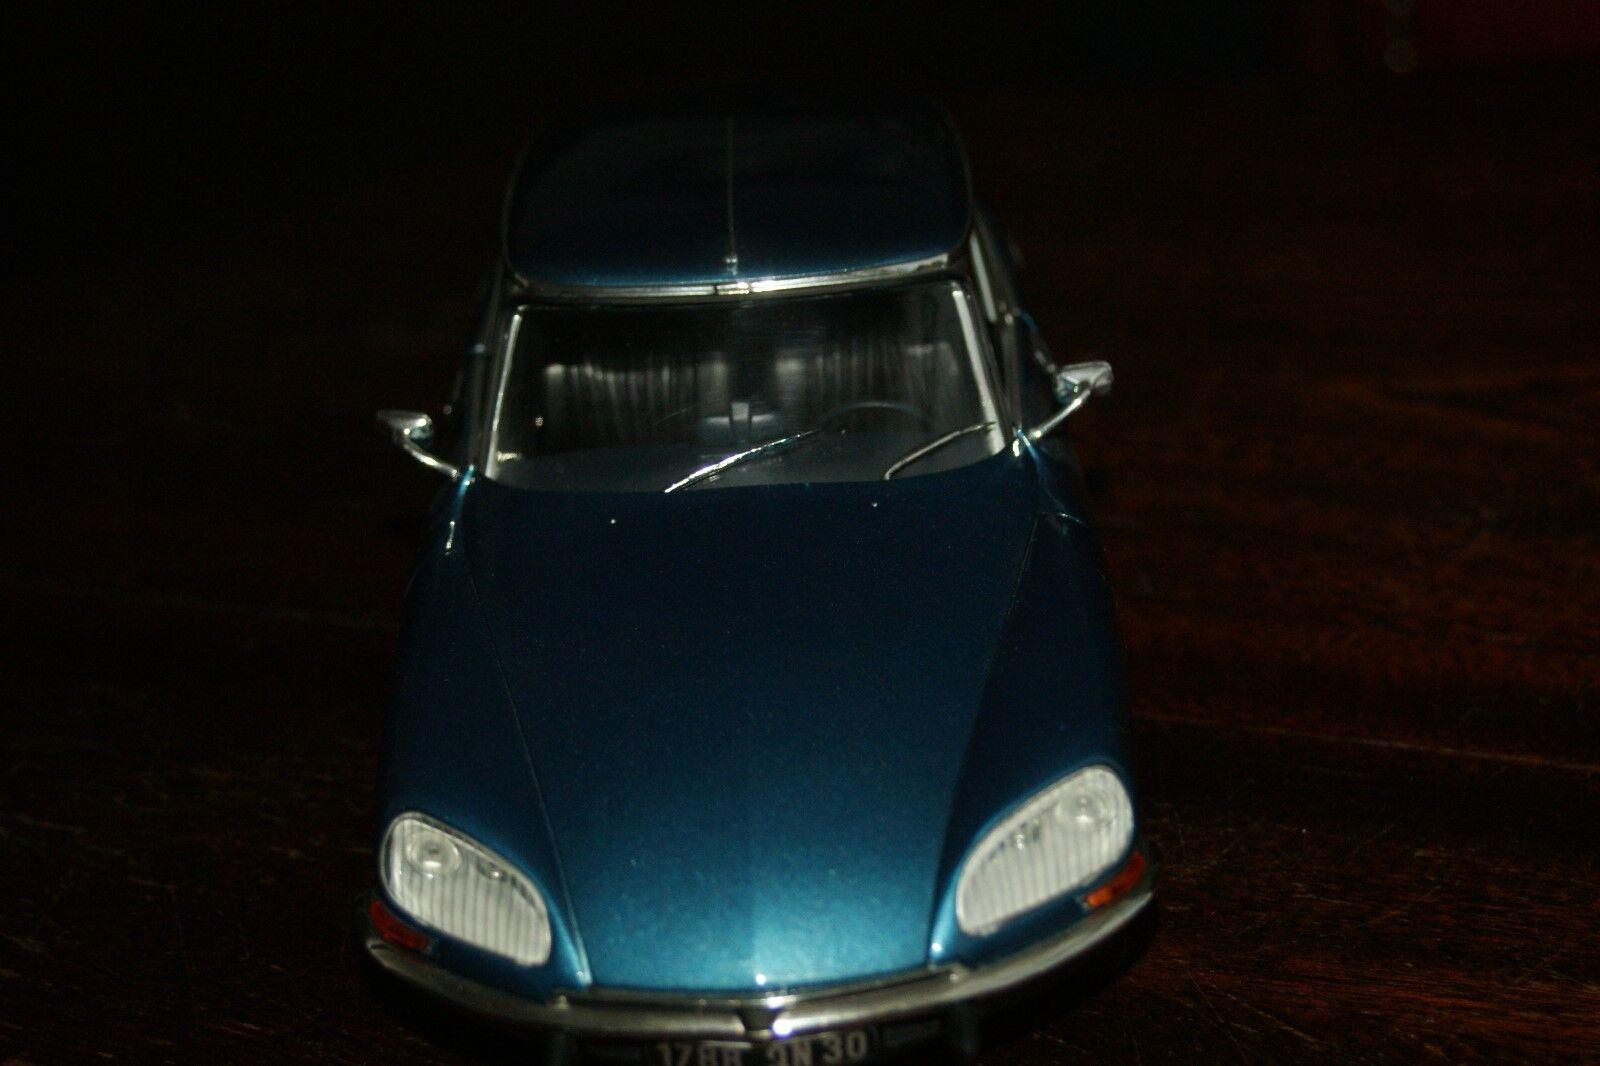 1 18 NOREV Citroen DS 23 Pallas 1973 Blau blau  | Sonderangebot